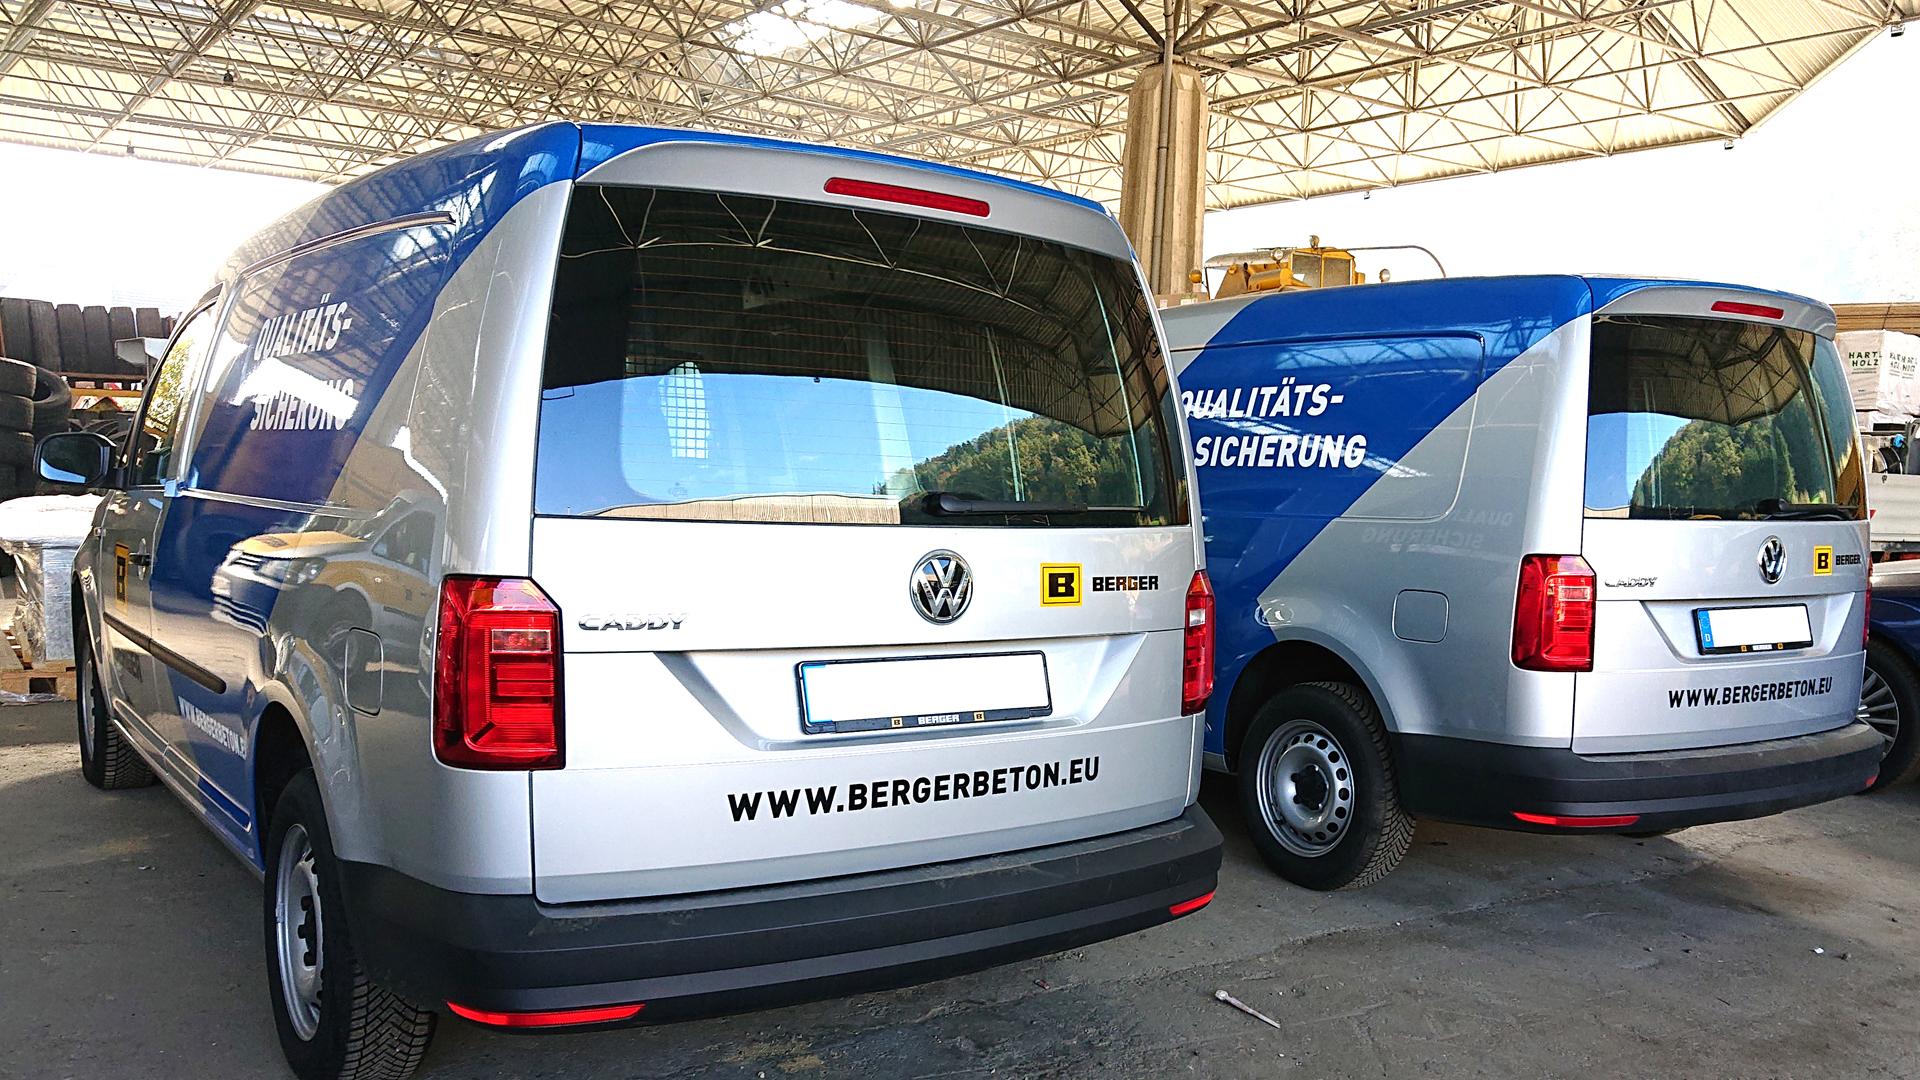 Berger Fahrzeugbeschriftung